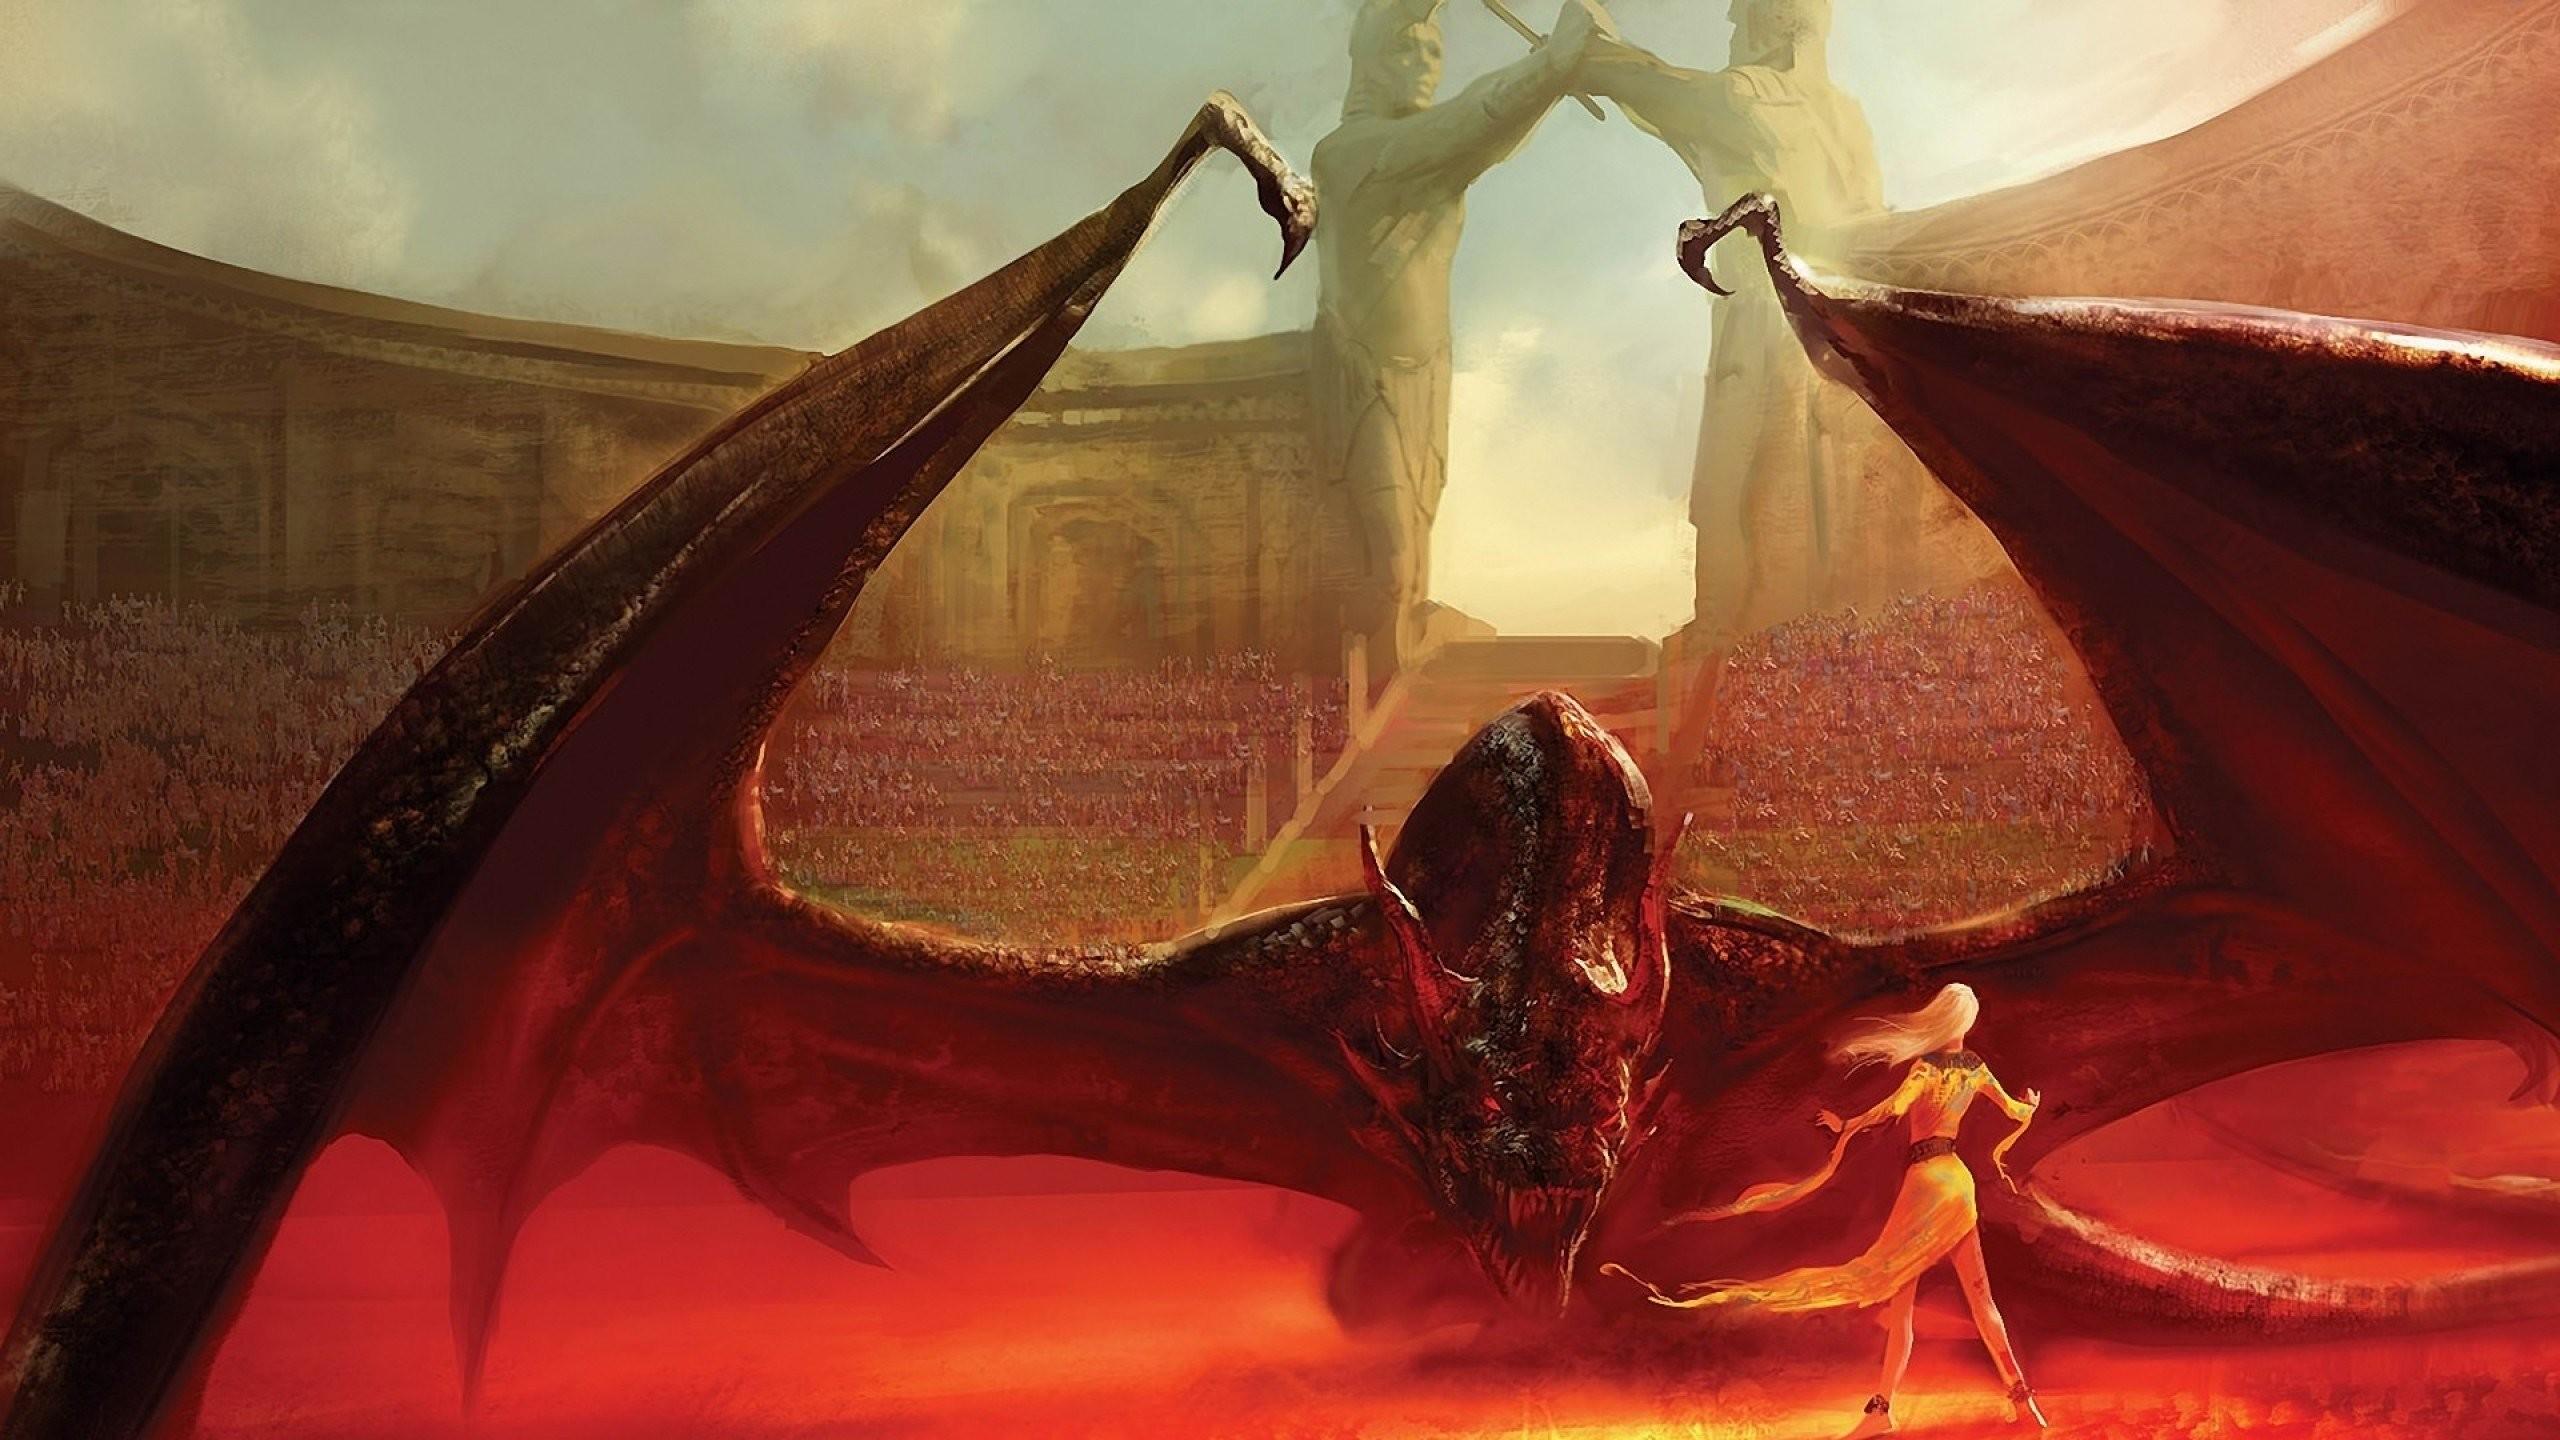 Dragons fantasy art Game of Thrones Daenerys Targaryen House Targaryen  wallpaper | | 299113 | WallpaperUP